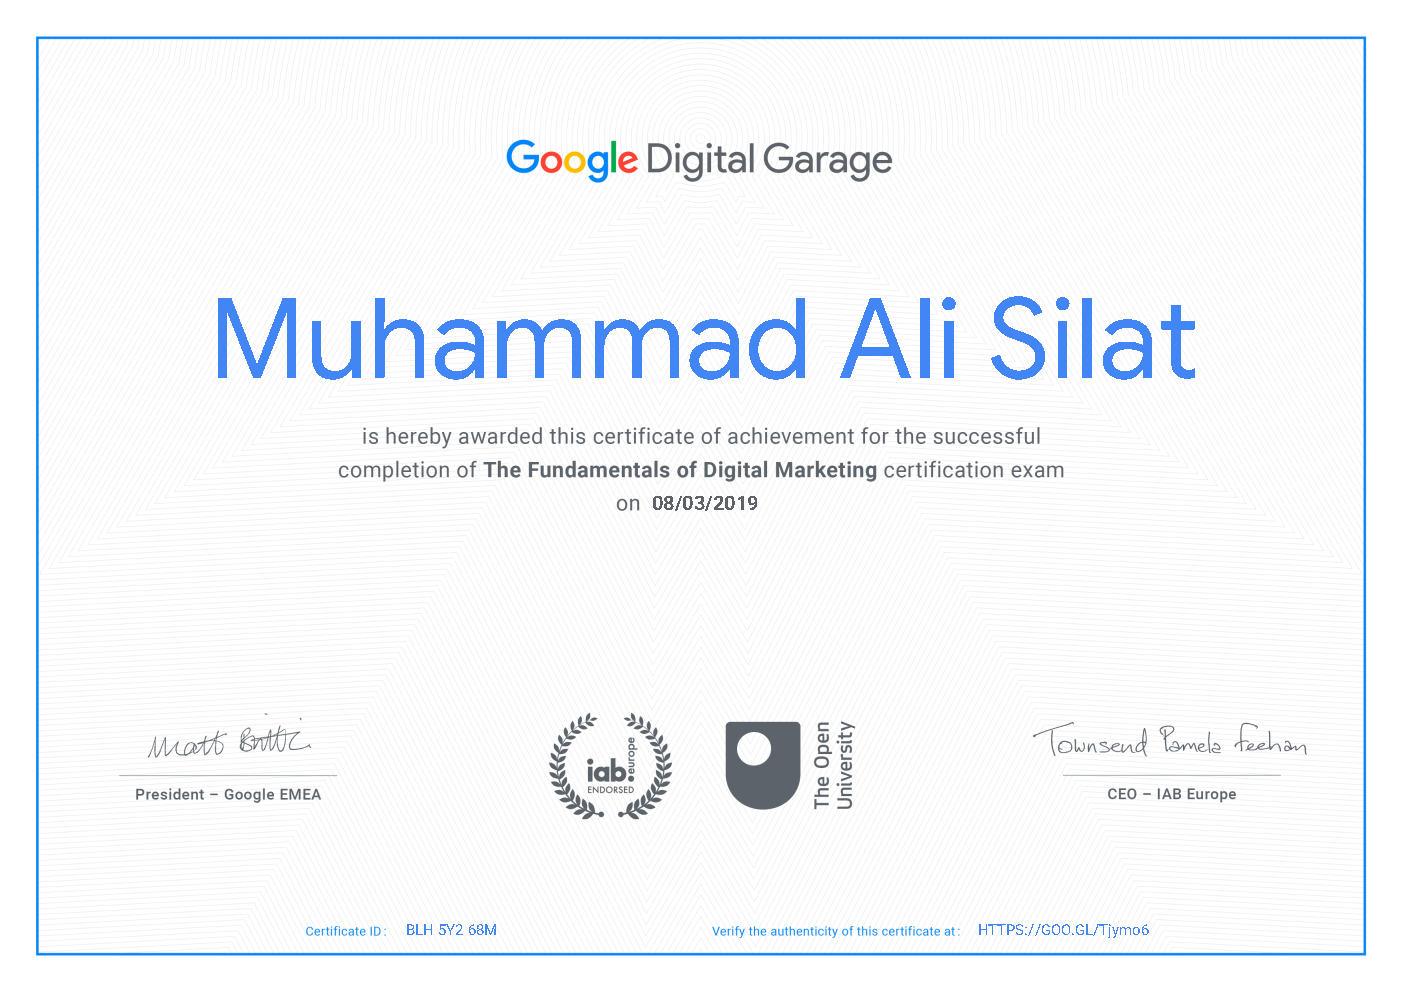 Digtal-Marketing-Google-certificate.jpg